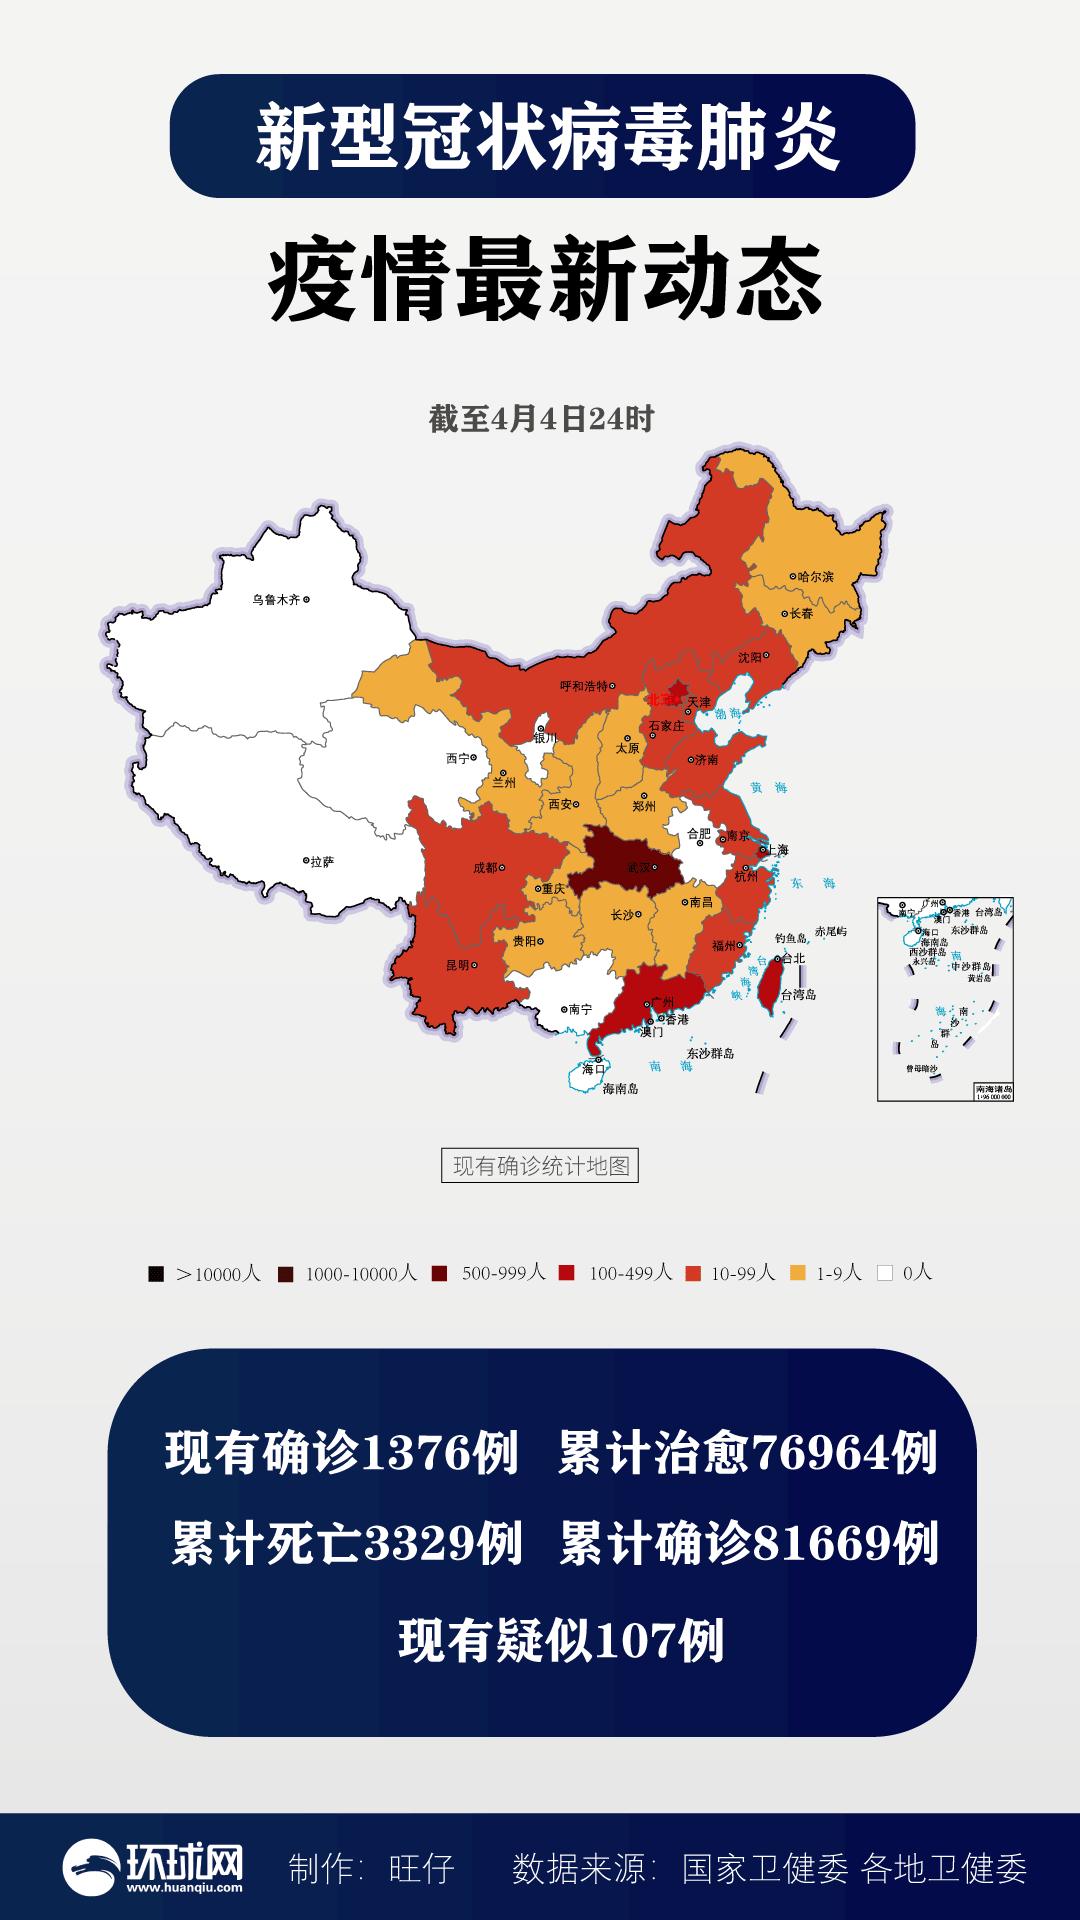 新增5例本土病例,全部在广东!